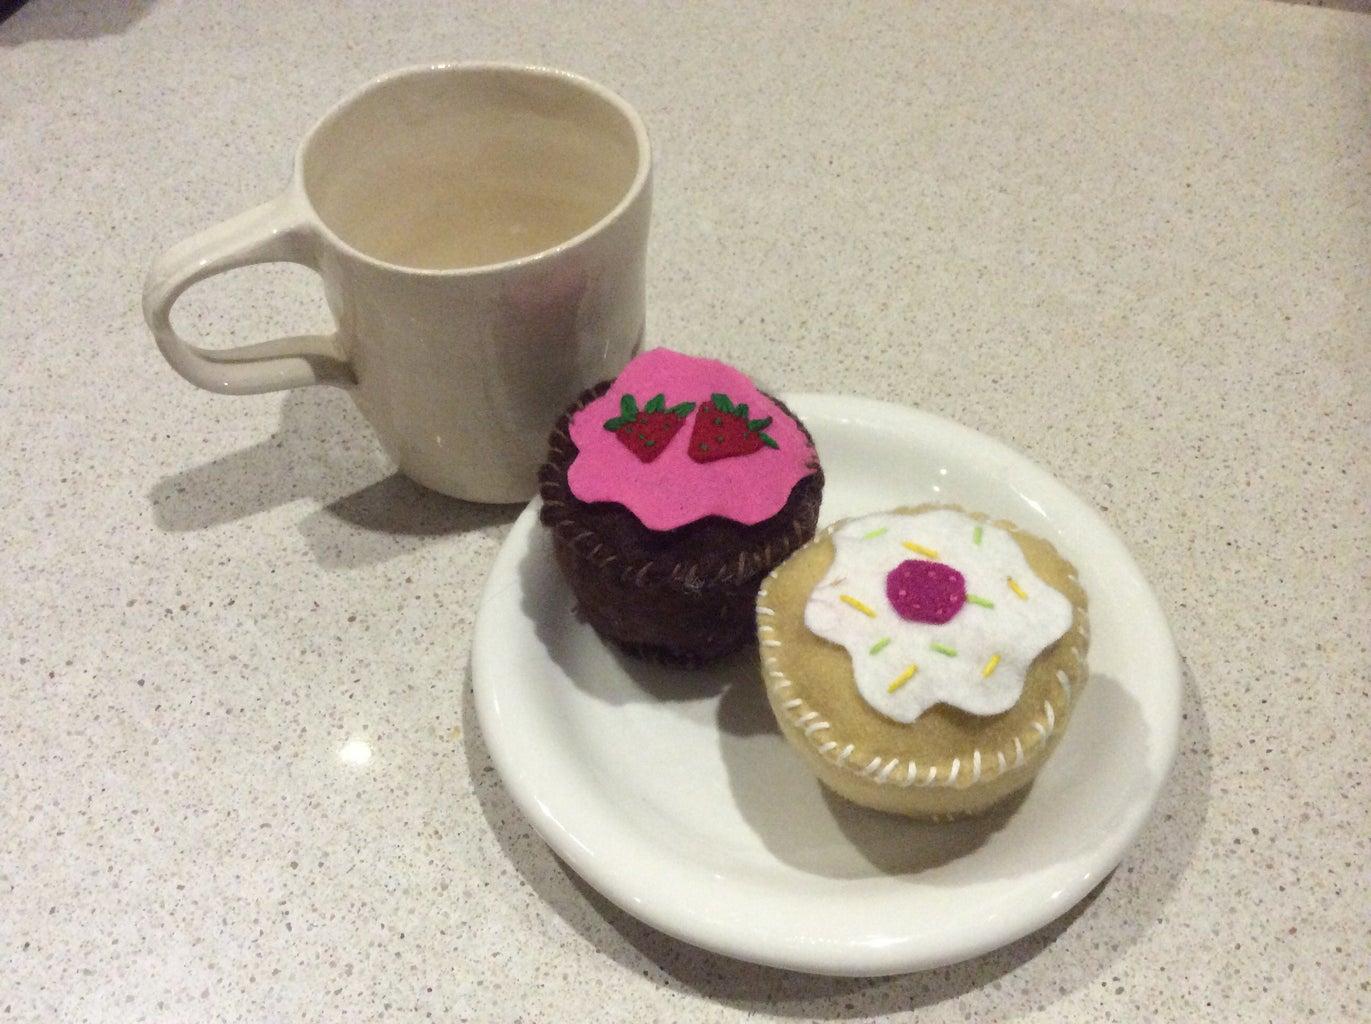 How to Make Cupcake Pincushions